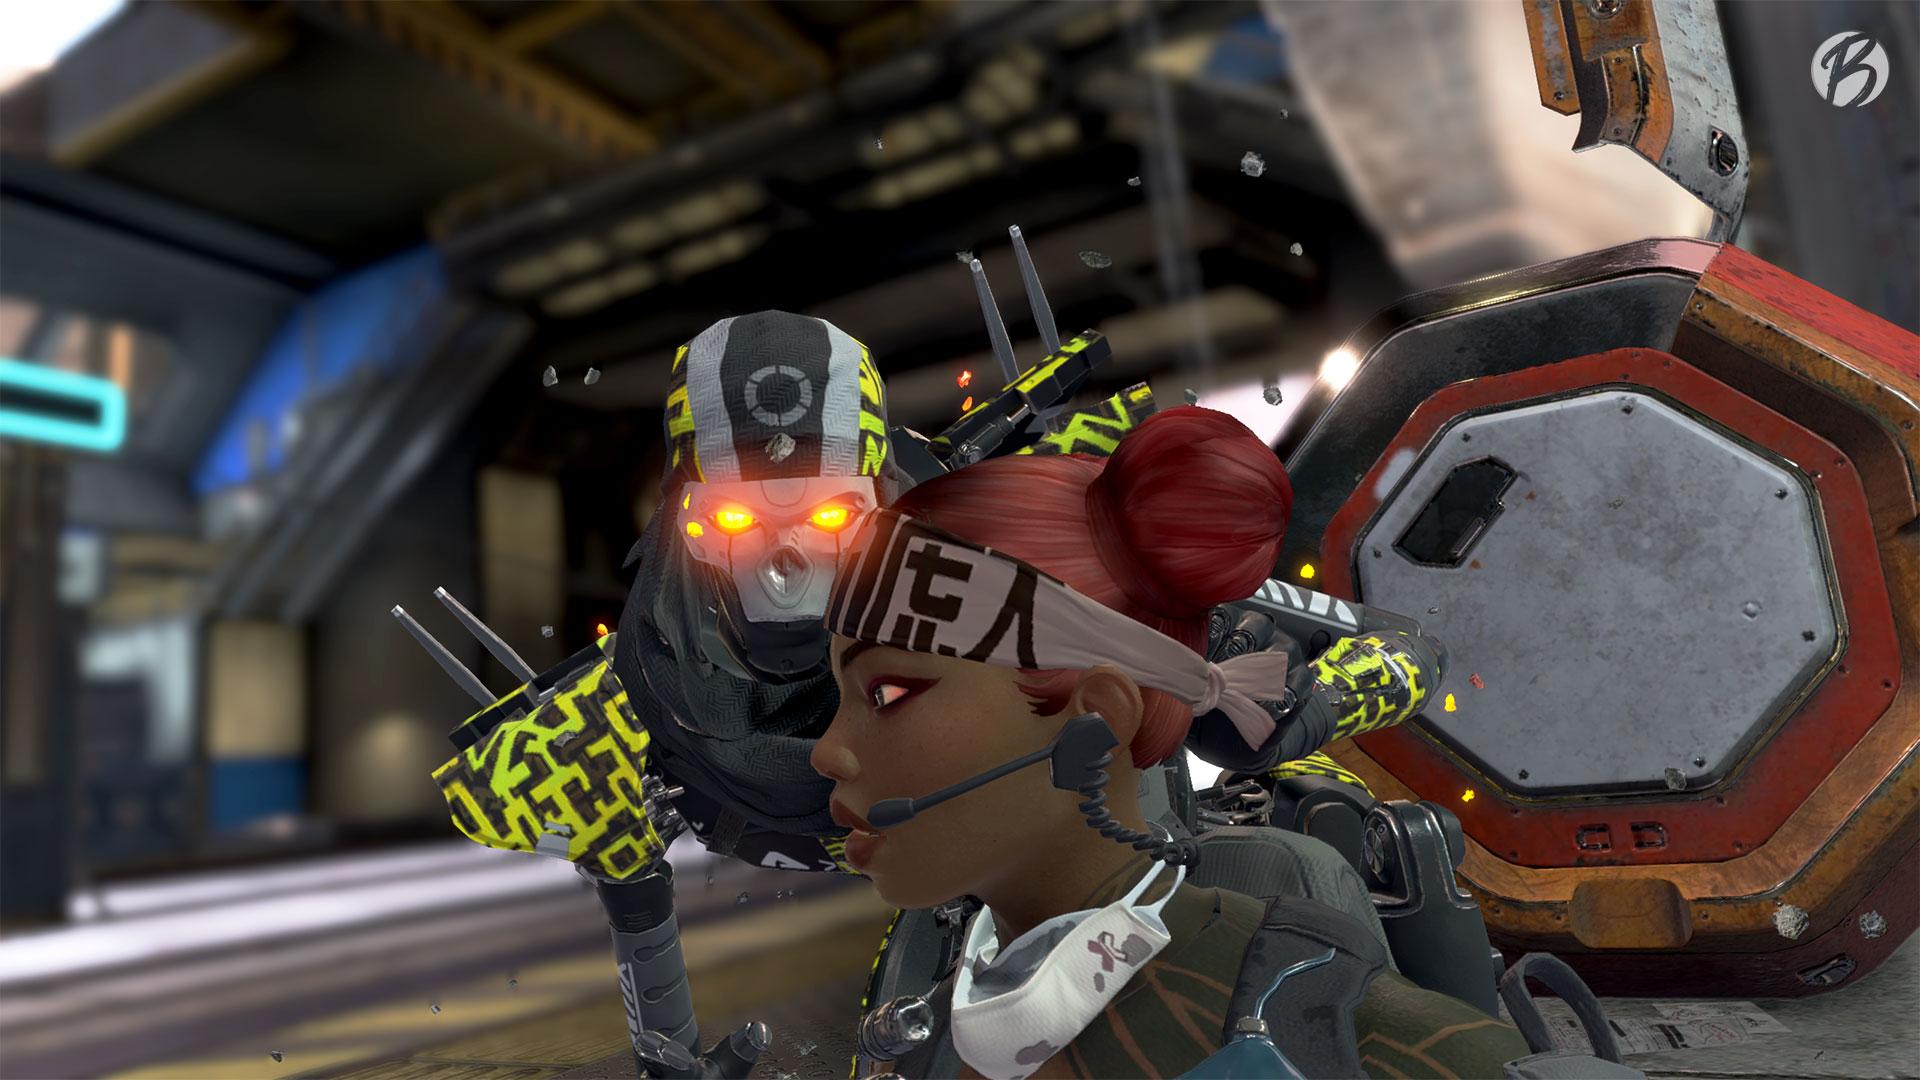 Apex-Legends - Season 4 - Revenant vs. Lifeline (Finisher)